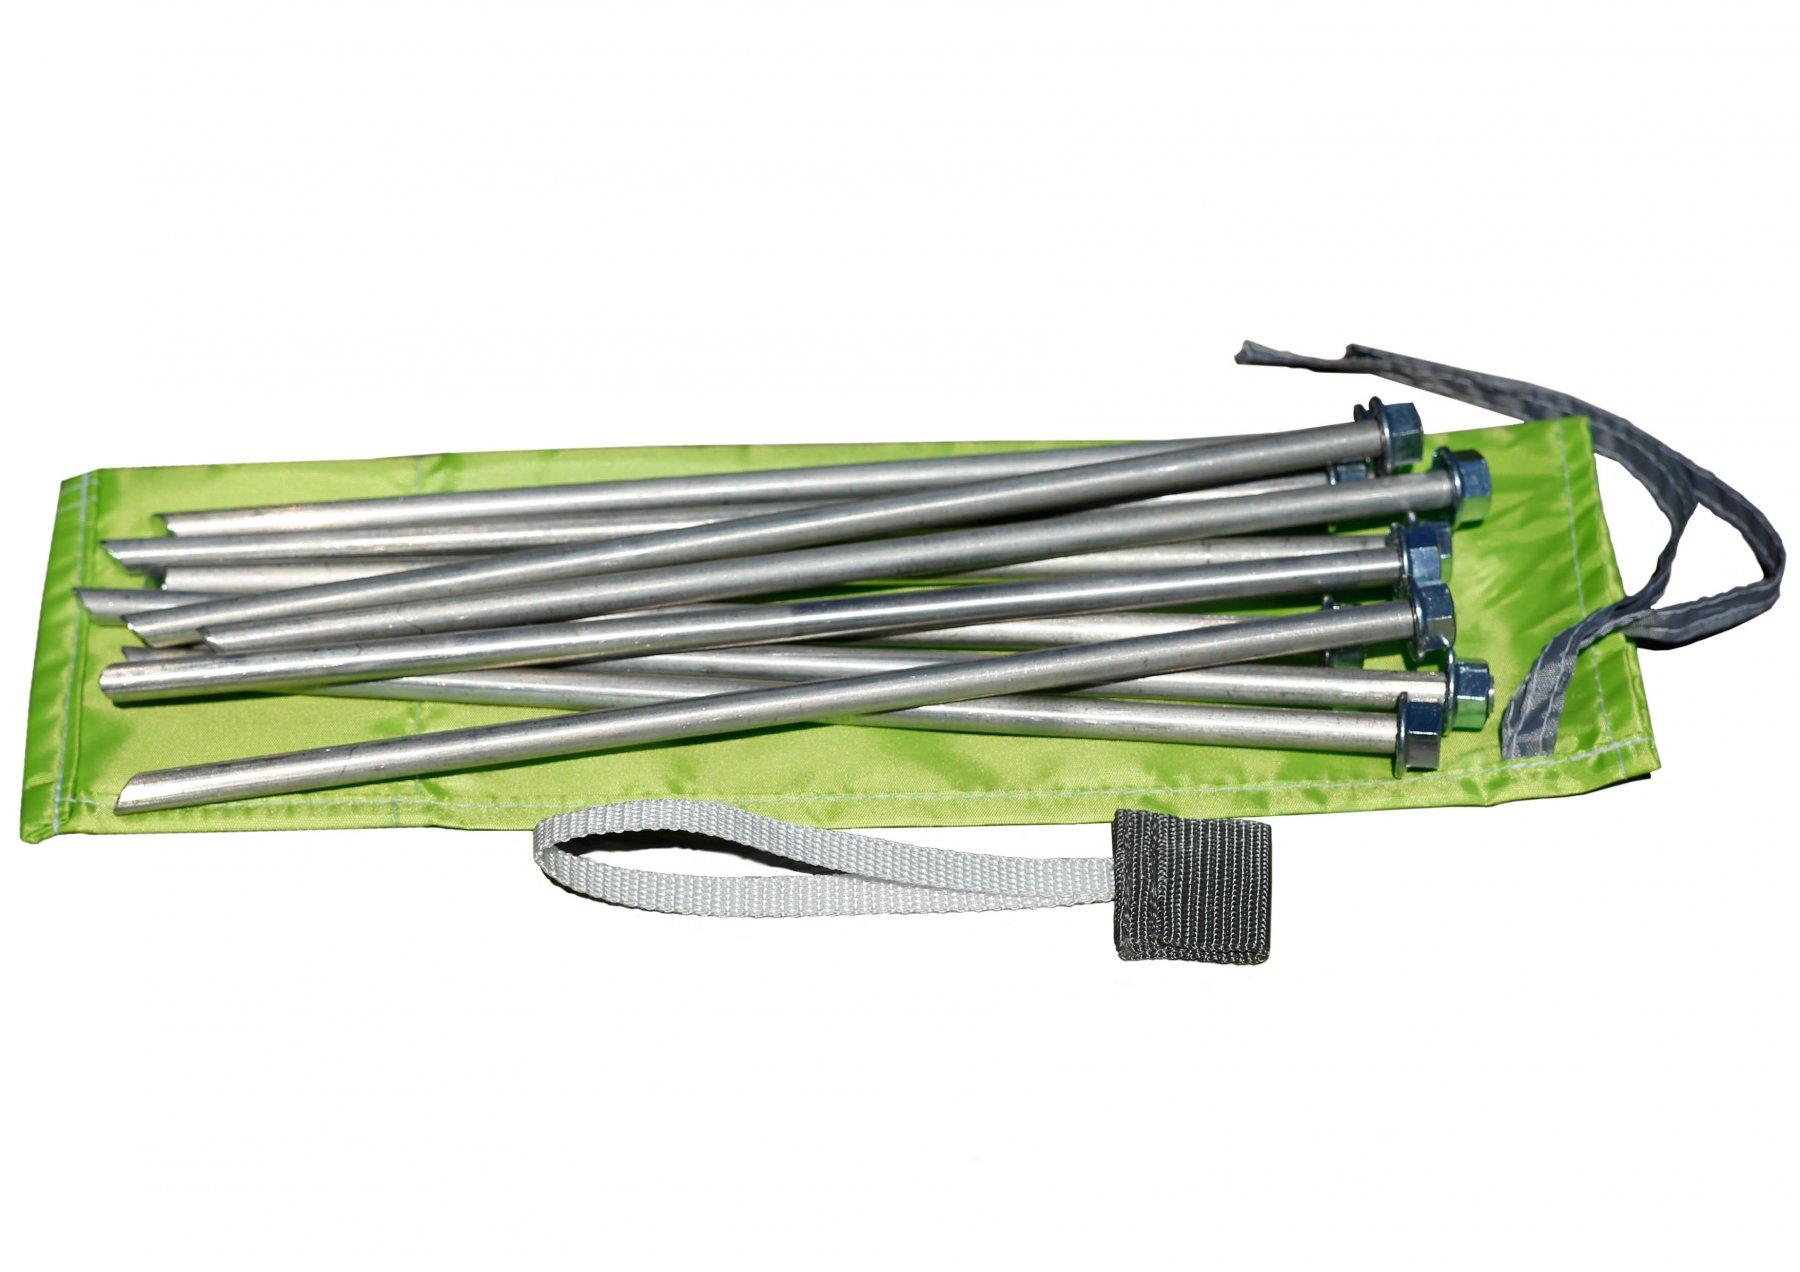 Колышки для палатки штормовые (алюминиевый сплав 9,0 х 300 мм, комплект 10 шт) 01015